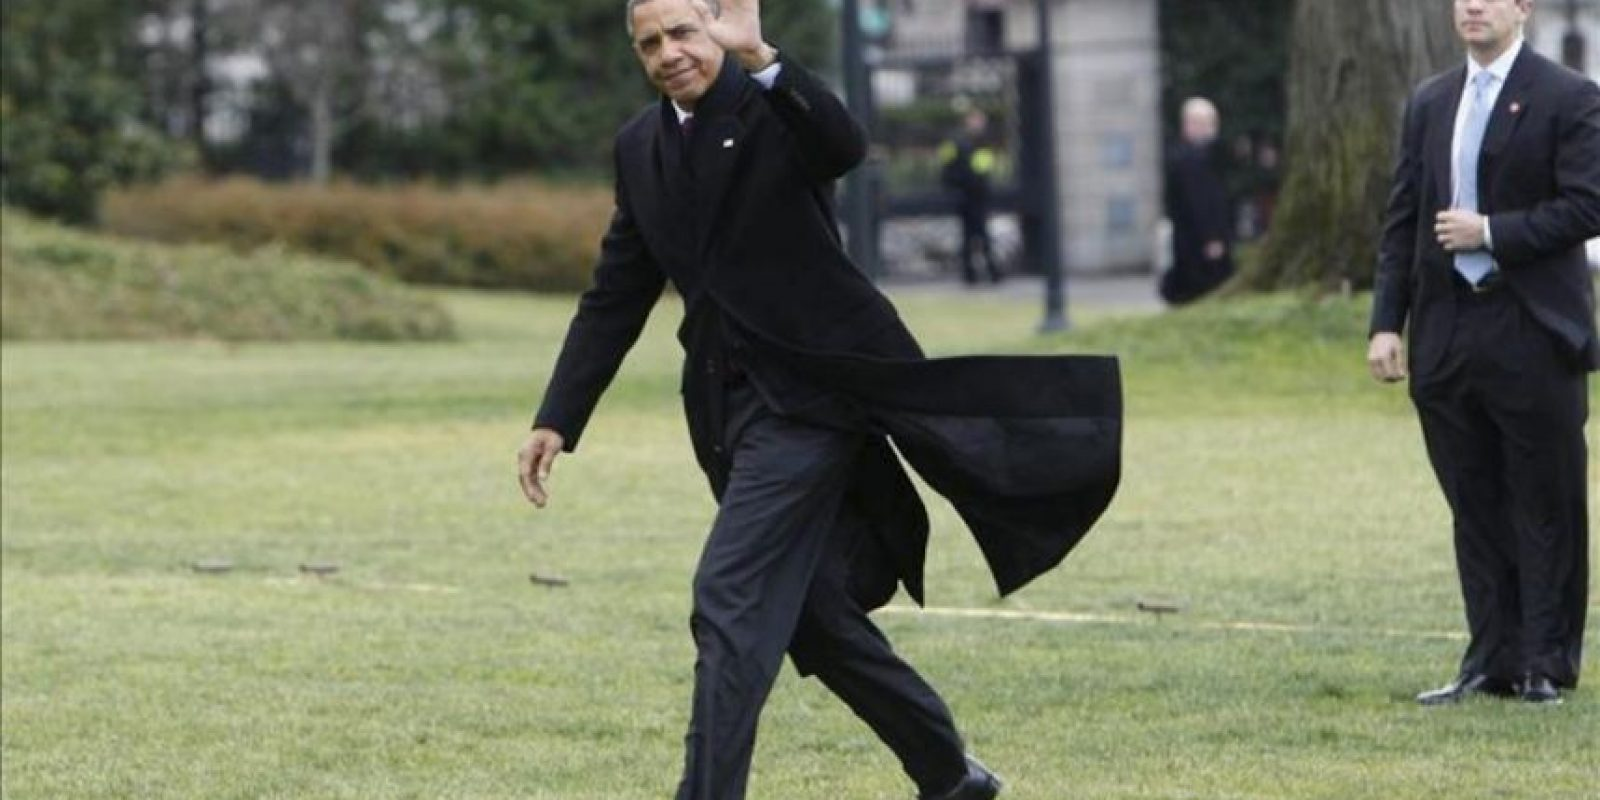 El presidente de Estados Unidos, Barack Obama (d), regresa a la Casa Blanca después de sus vacaciones de Navidad en Hawai, en Washington, EE.UU. este 27 de diciembre. EFE